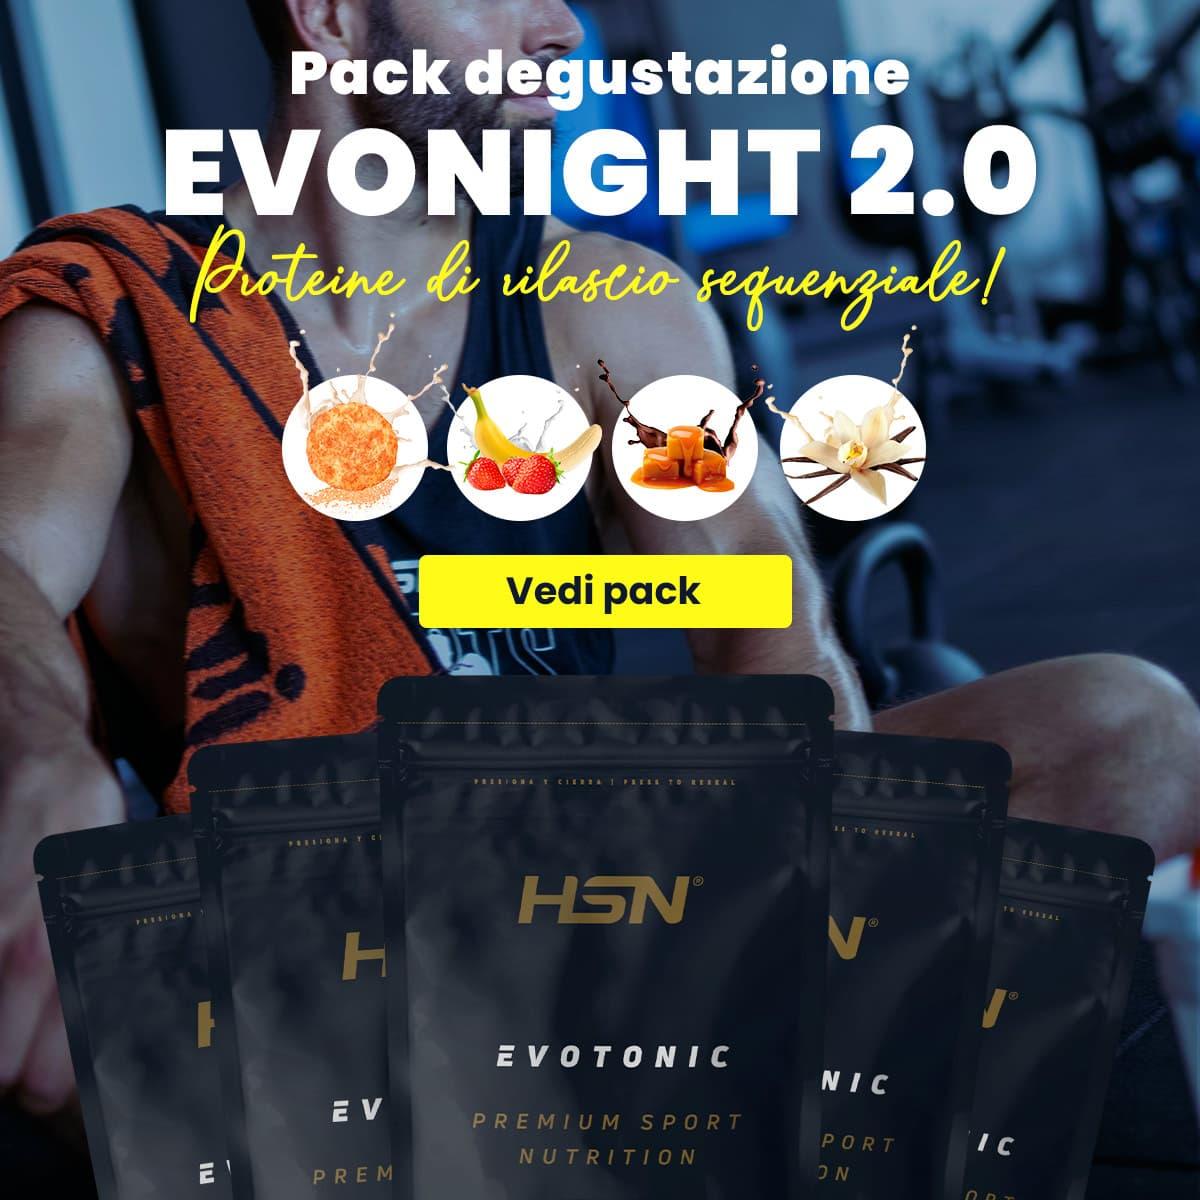 EVONIGHT 2.0 - Pack Degustazione